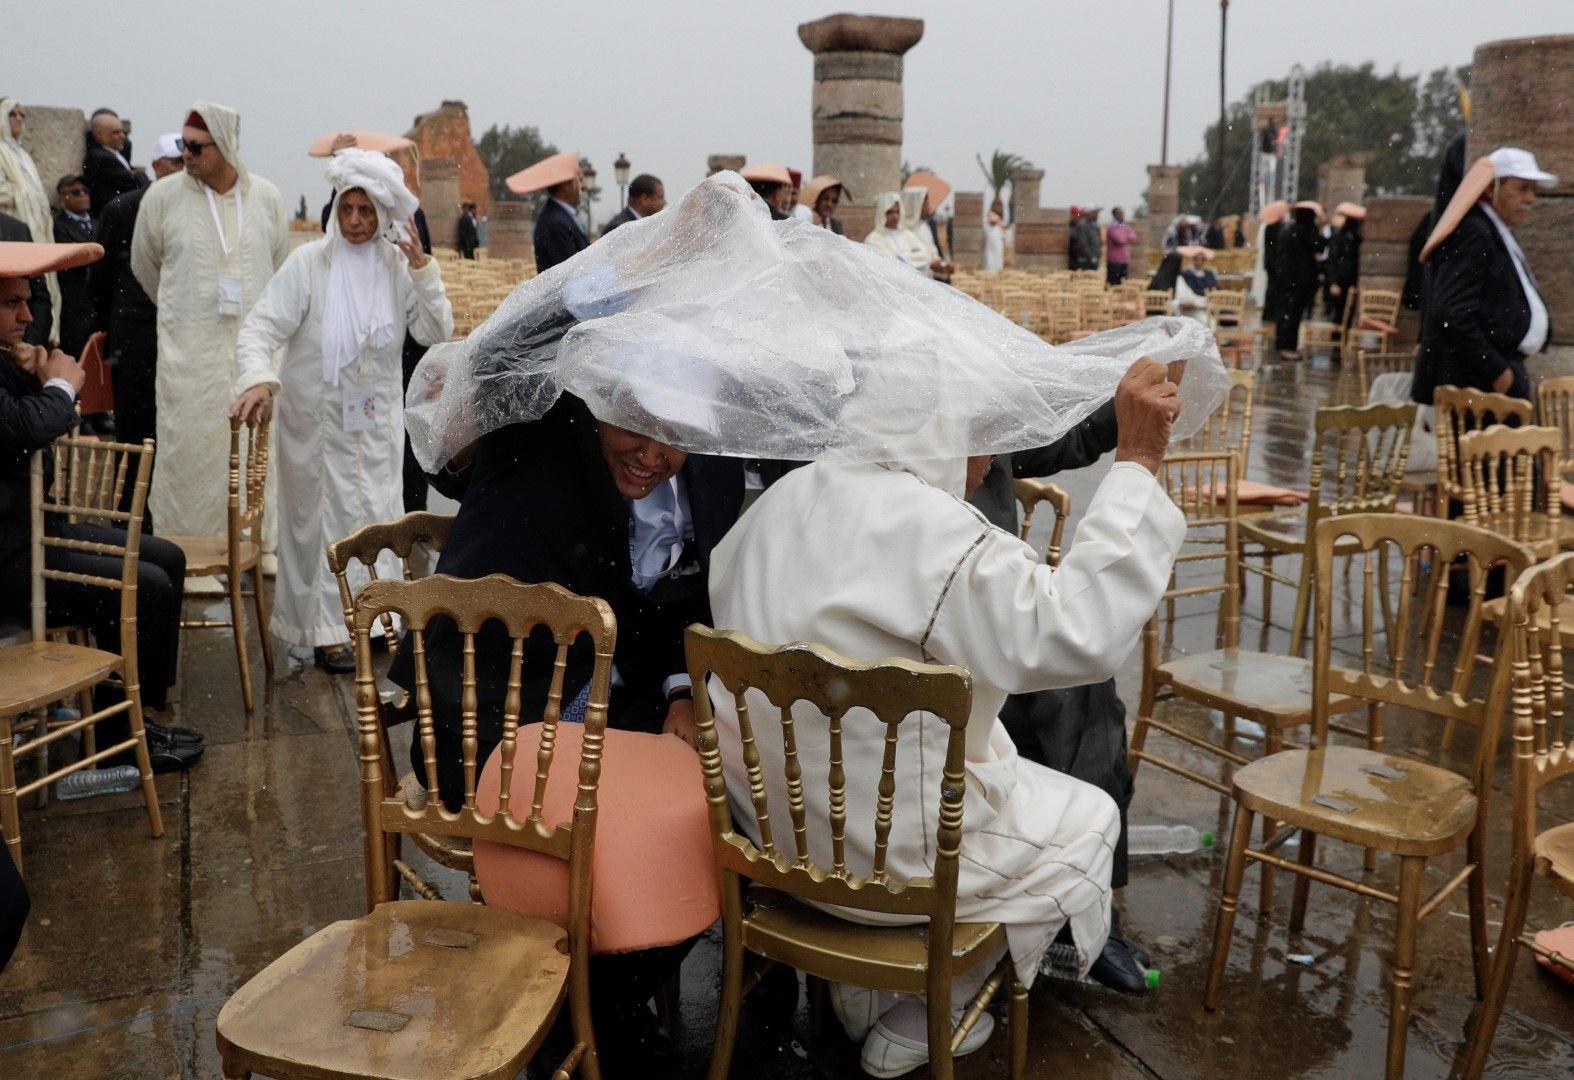 Въпреки дъжда, много хора се събраха да видят папата